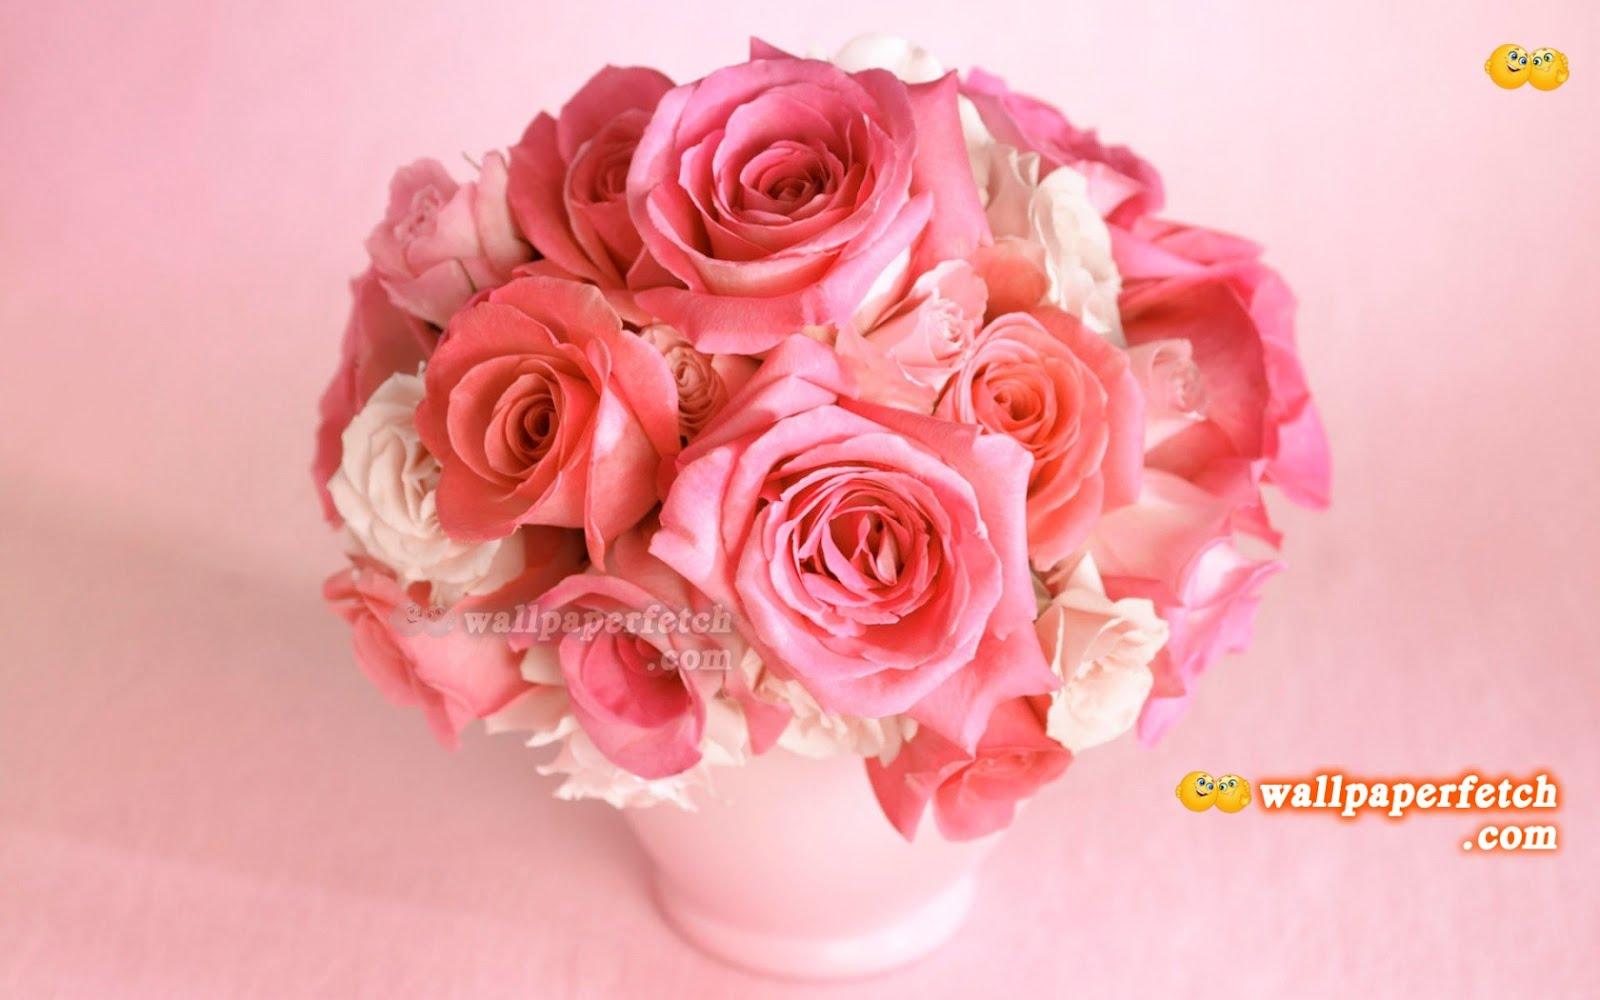 http://2.bp.blogspot.com/-n6ponoN-Zgs/T-iDM6M8UII/AAAAAAAABBc/Vd2oQxUGGko/s1600/valentine_bouquet-1680x1050.jpg